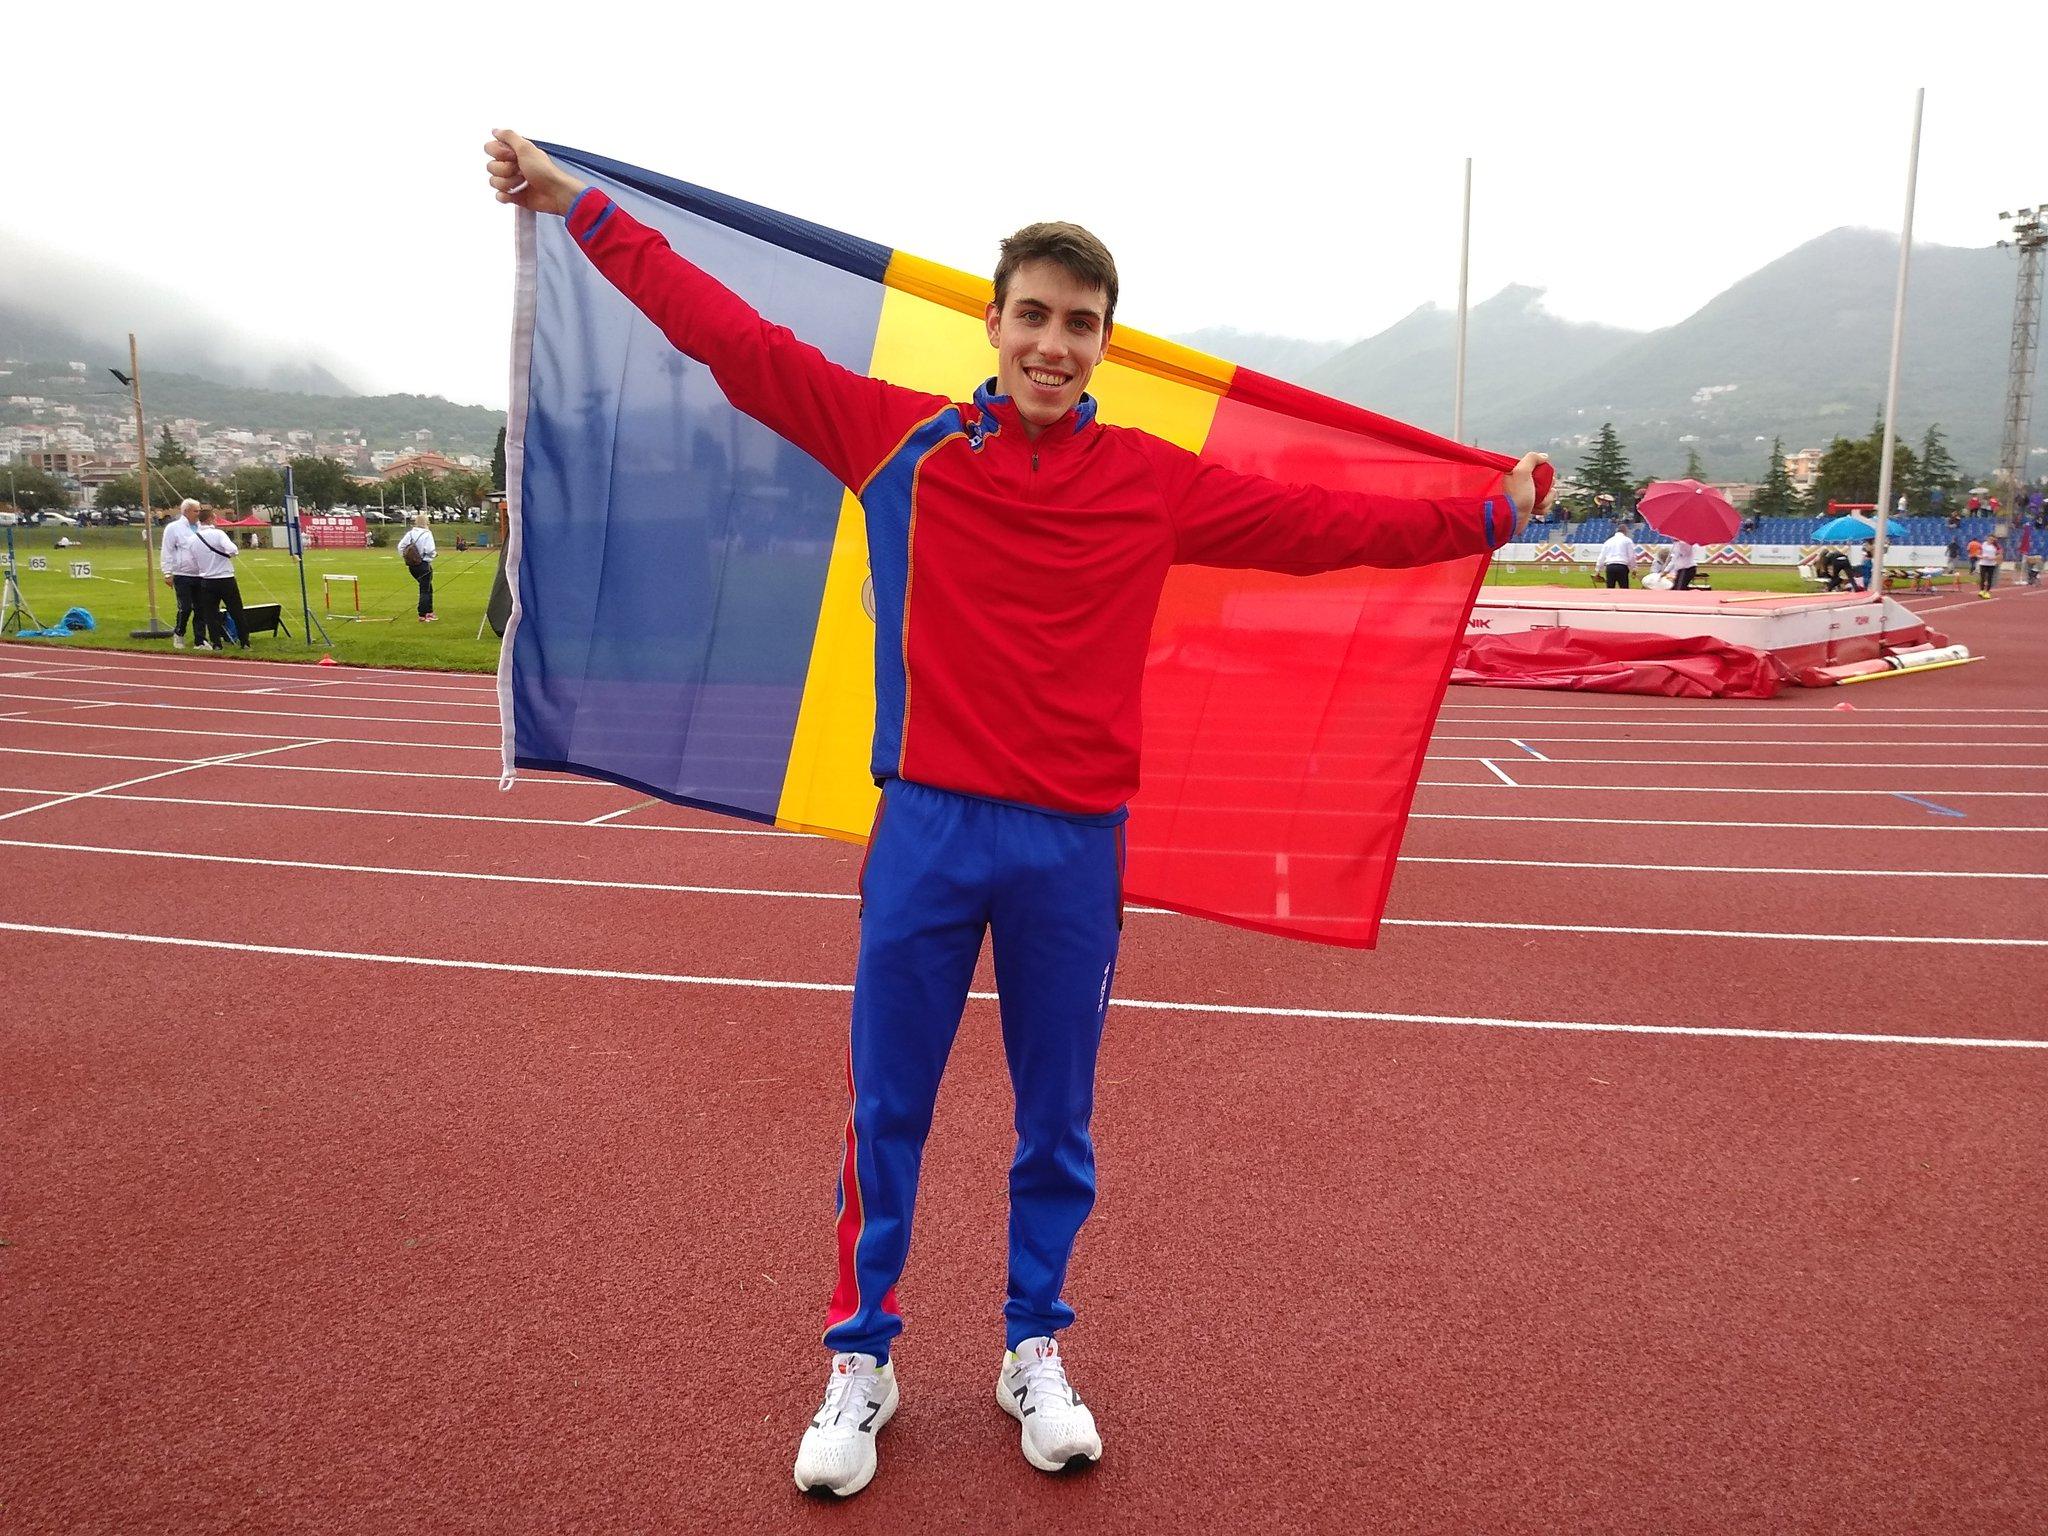 Dia 4 -Informatiu migdia- Pol Moya fa el primer or d'Andorra, Sanza és bronze i Rodeiro perd